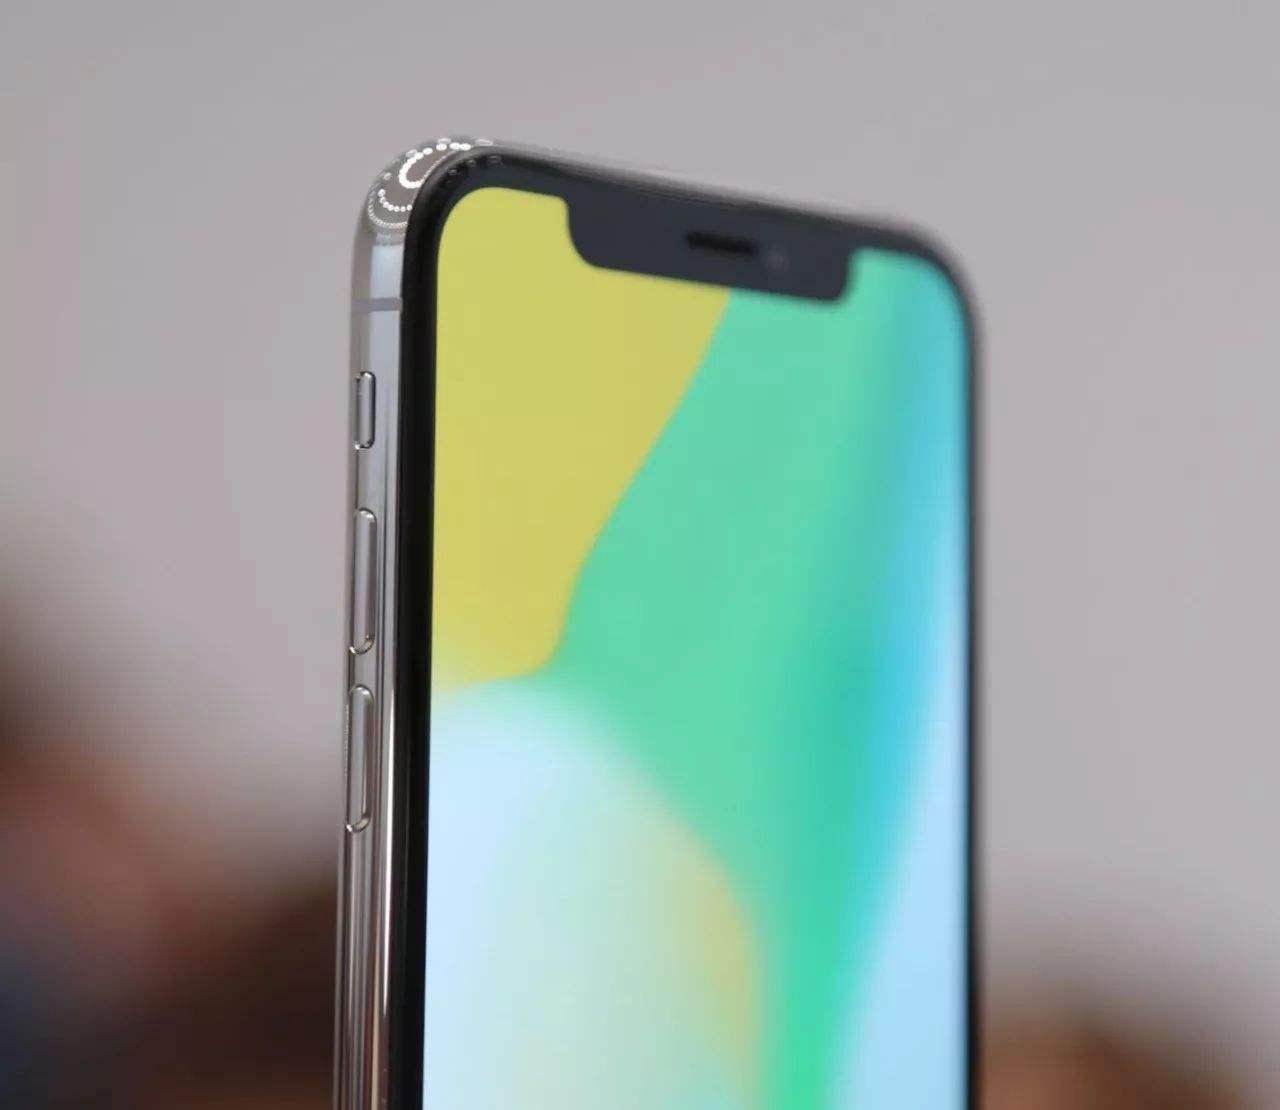 iphone手机音量键维修,需要多少钱?